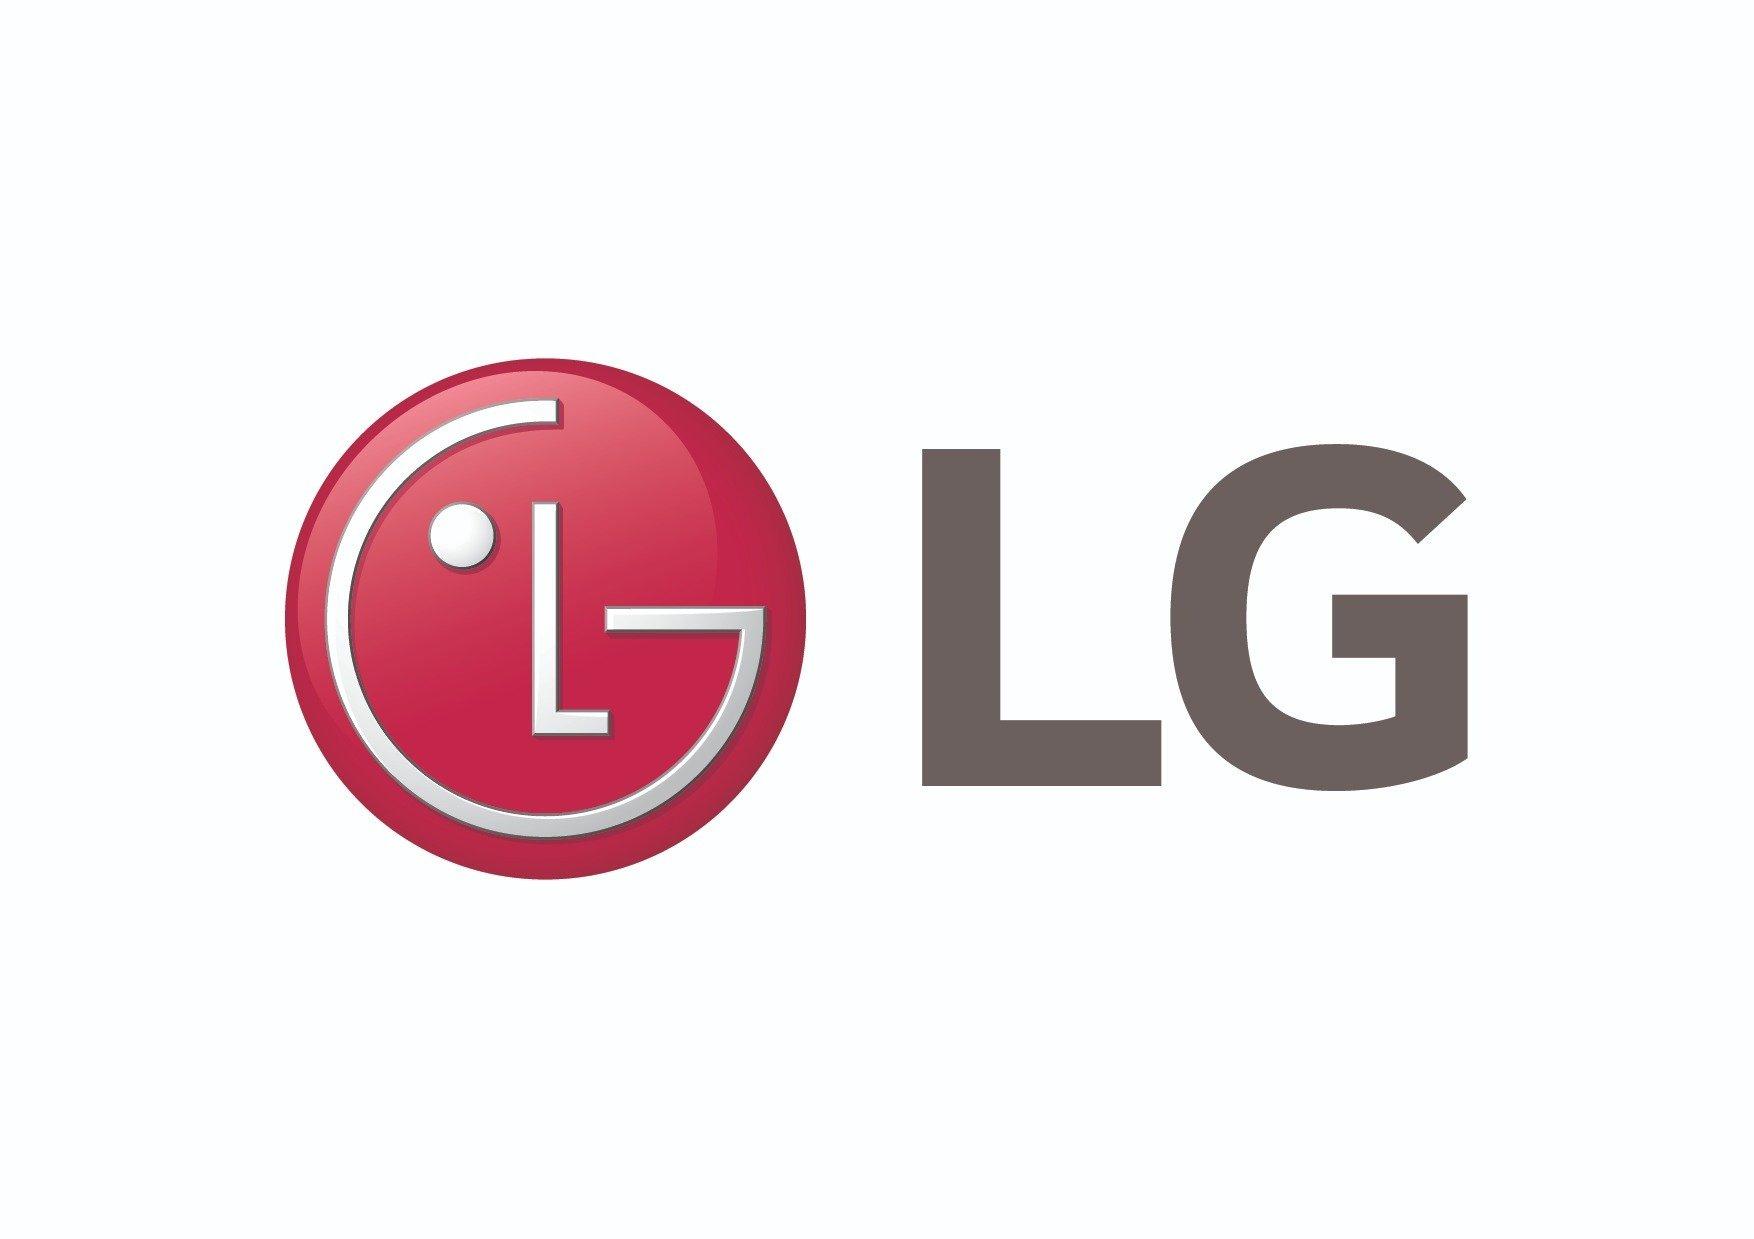 Firma LG akredytowana jako międzynarodowa jednostka zajmująca się testowaniem oprogramowania samochodowego